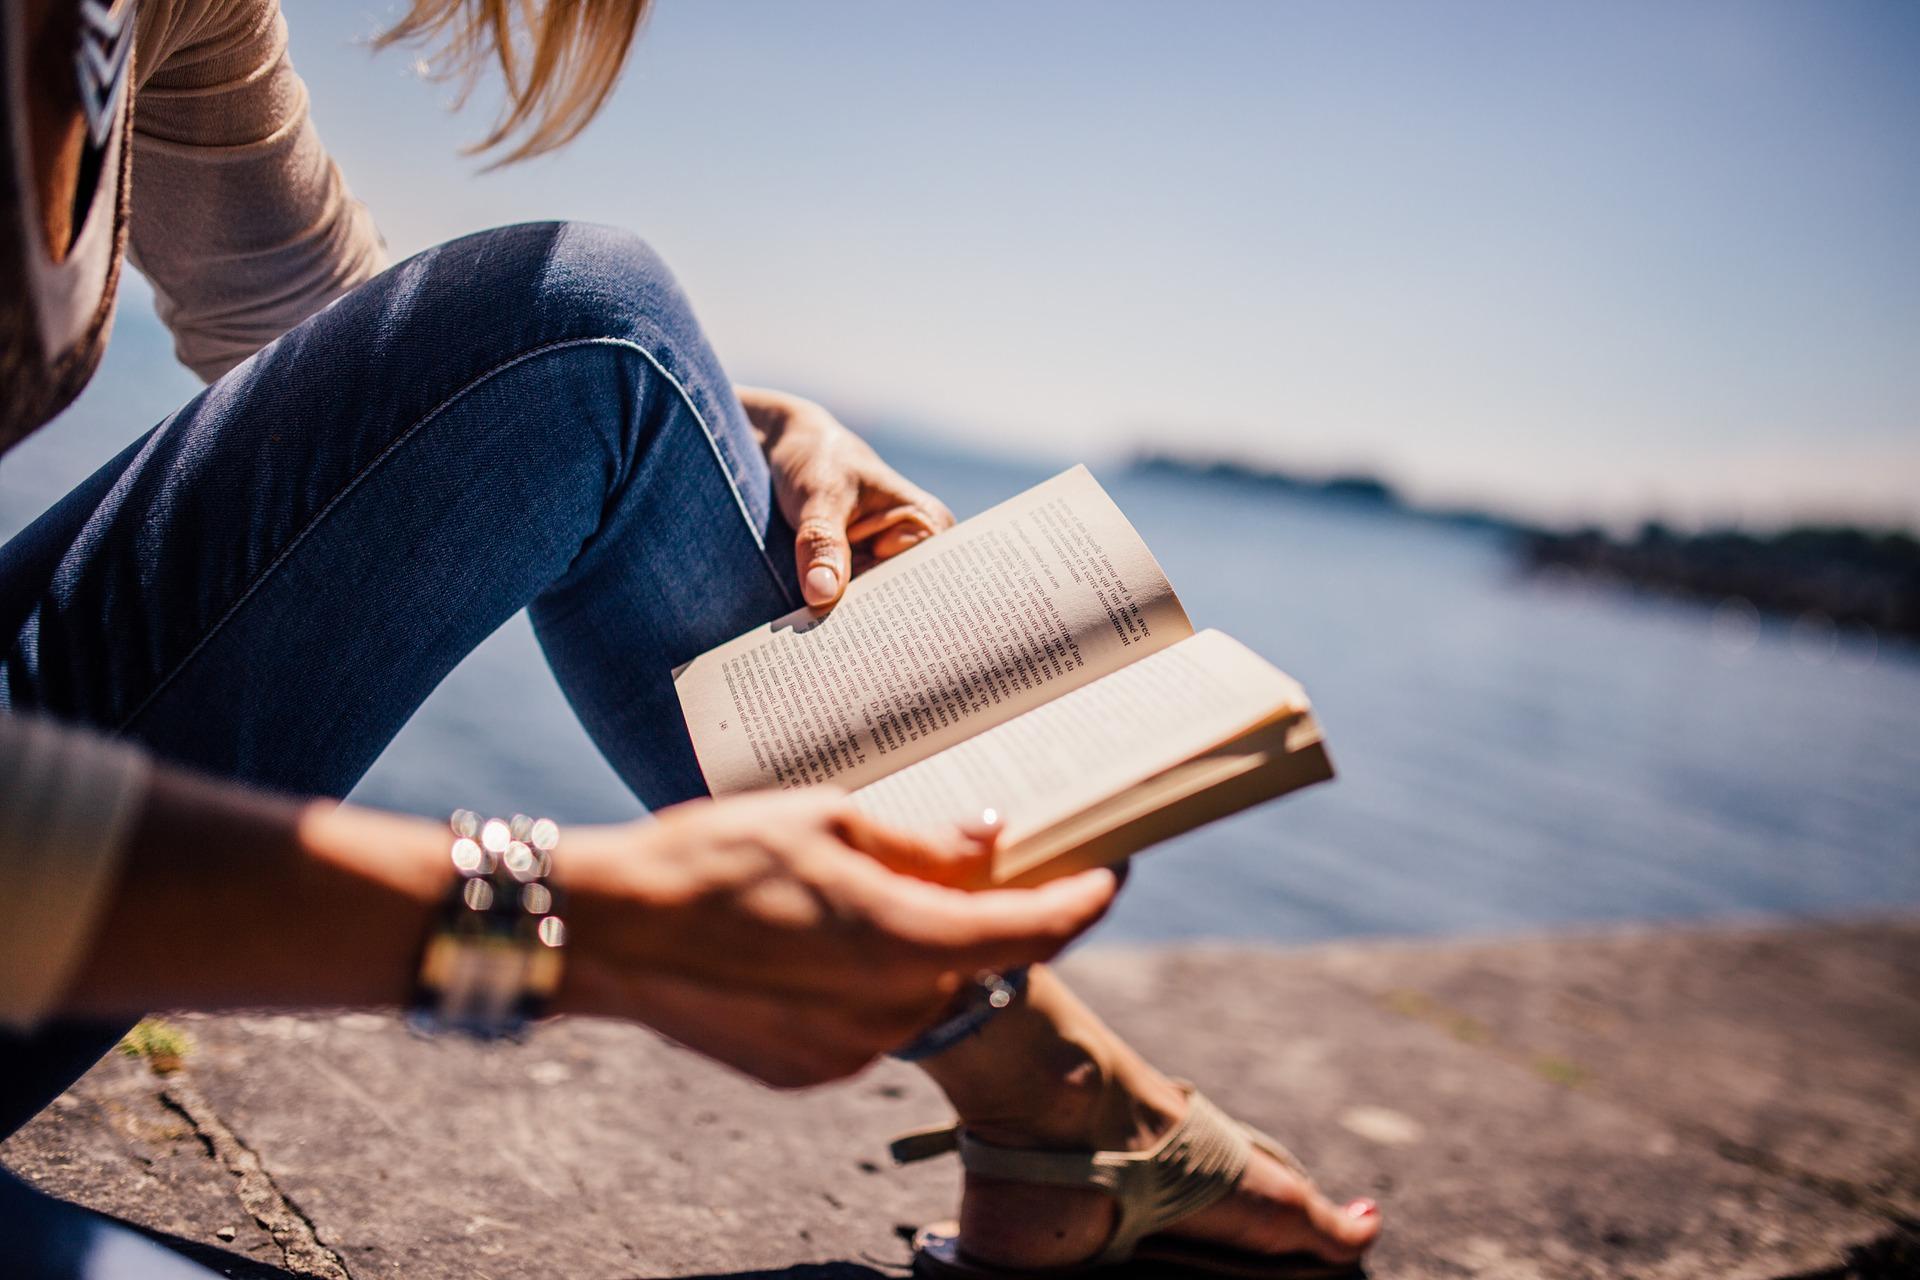 This Week in Paleo: My Favorite Self-Love Resources